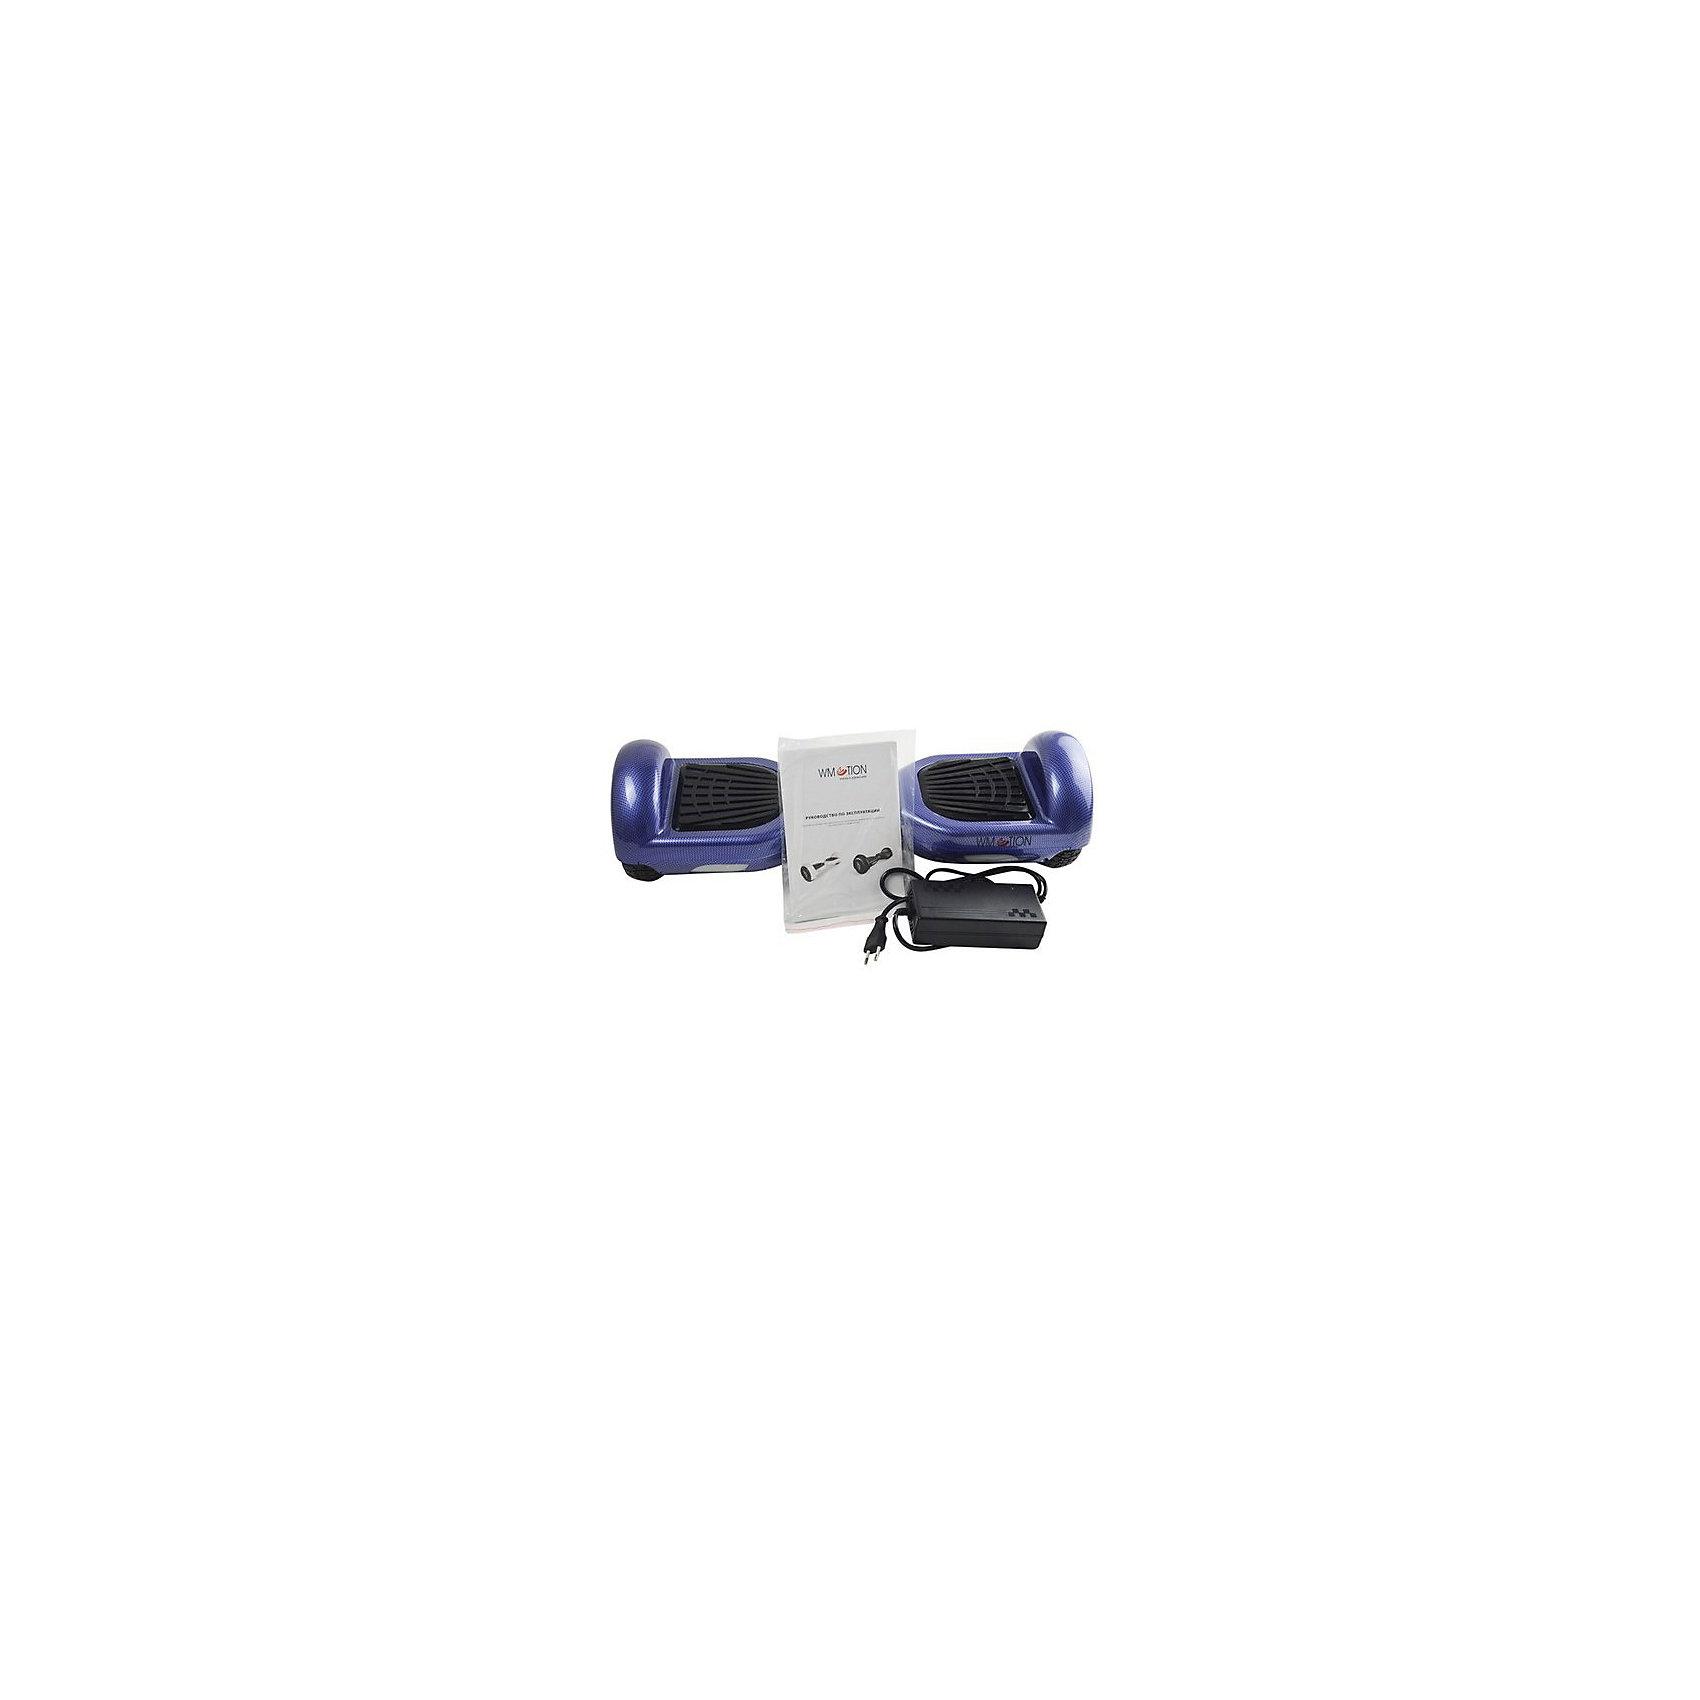 Гироскутер, синий карбон, WMOTIONГироскутеры<br>Характеристики товара:<br><br>• материал: пластик, металл<br>• размер: 16х58х17 см<br>• комплектация: гироскутер, зарядка, сумка, инструкция по эксплуатации, гарантийный талон, коробка<br>• цвет: синий карбон<br>• диаметр колёс: 6,5 дюймов<br>• максимальная нагрузка: 100 кг<br>• максимальная скорость – 10 км/ч <br>• максимальное расстояние, которое можно проехать на одном заряде: 20 км <br>• мощность электродвигателя: 0.35 кВт<br>• ёмкость аккумулятора: 4 400 мАч<br>• время, необходимое для полной зарядки аккумулятора: 90 мин<br>• стильный дизайн<br>• вес: 10 кг<br>• страна производитель: Китай<br>• страна бренда: Китай<br><br>Один из самых модных на настоящий моментов вид передвижения - это гироскутер. Он эффектно выглядит, позволяет ехать со скоростью выше, чем у пешеходов, но при этом достаточно безопасной для владельца. Управлять таким средством передвижения достаточно просто: нужно всего лишь переносить вес тела в определенное направление.<br><br>Такой гироскутер достаточно быстро заряжается, он не много весит. Модель уже пользуется популярностью в западных странах. Она действительно стильно выглядит, особенно в темноте с подсветкой, и позволяет выполнять эффектные трюки!<br><br>Гироскутер, синий карбон, от популярного бренда WMOTION можно купить в нашем интернет-магазине.<br><br>Ширина мм: 170<br>Глубина мм: 170<br>Высота мм: 580<br>Вес г: 10000<br>Возраст от месяцев: 60<br>Возраст до месяцев: 192<br>Пол: Унисекс<br>Возраст: Детский<br>SKU: 5482377